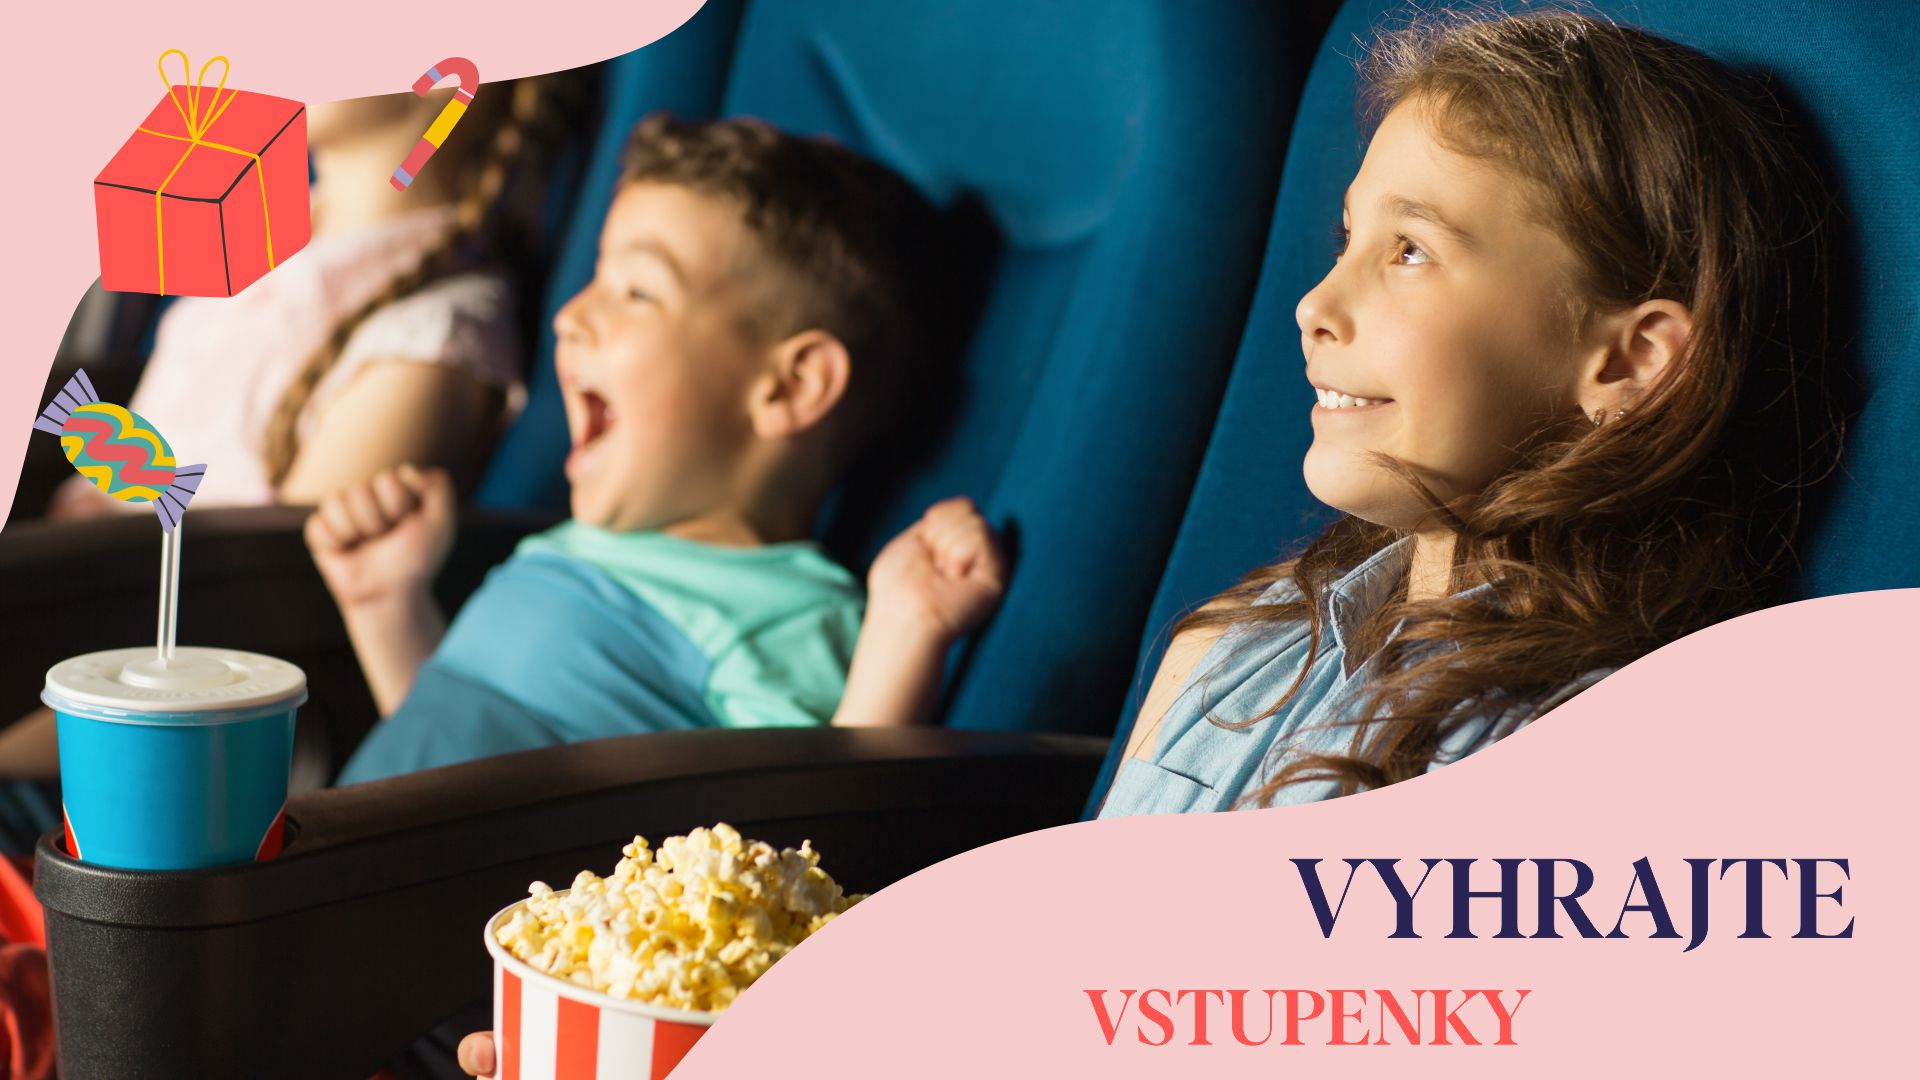 fb vstupenky cinemax - Súťaže